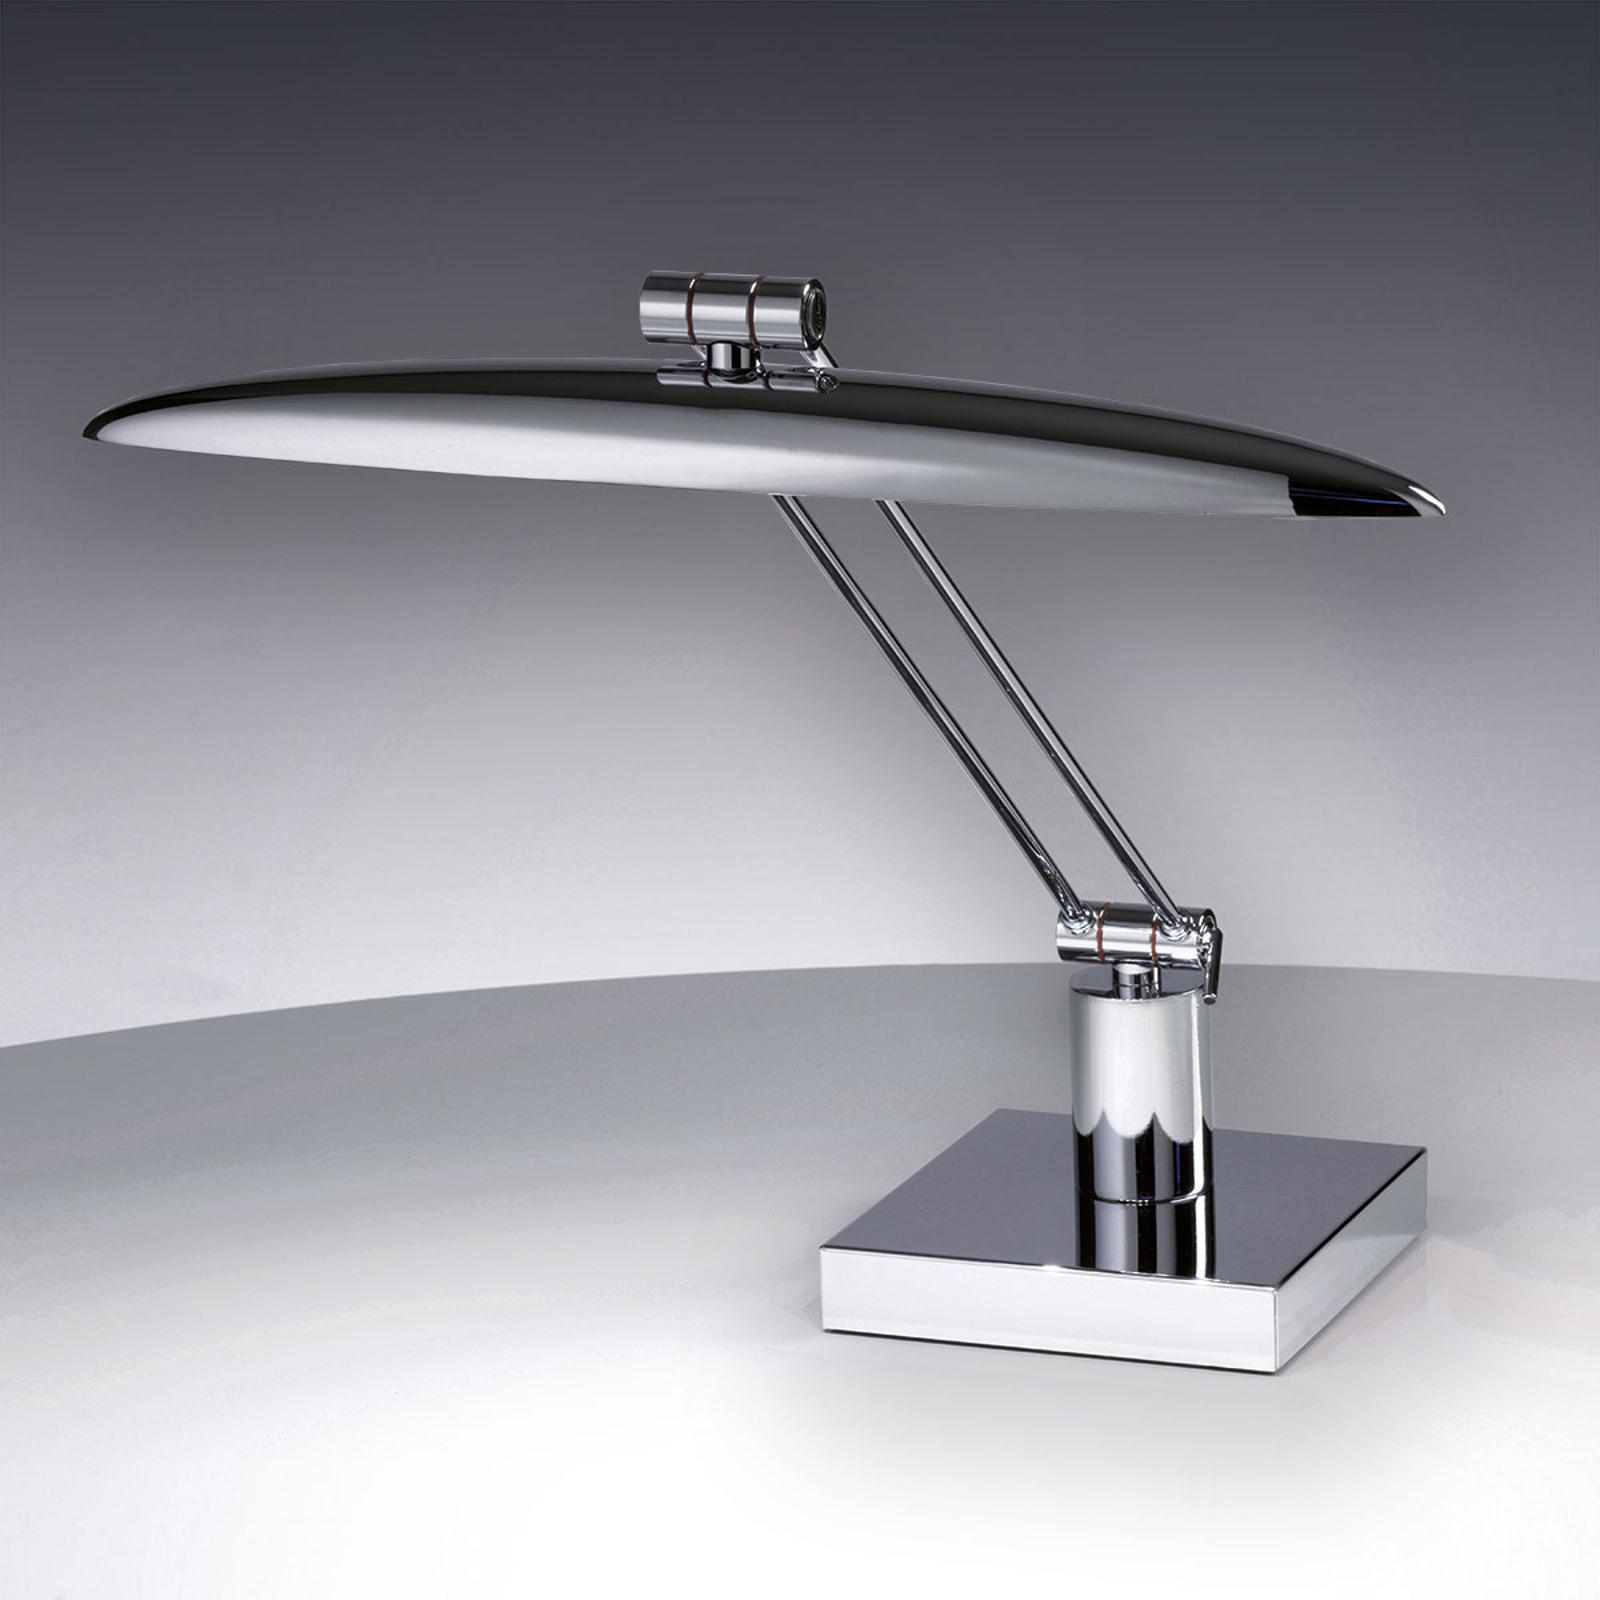 Lámpara mesa-lectura LED Anabella, cromo brillante